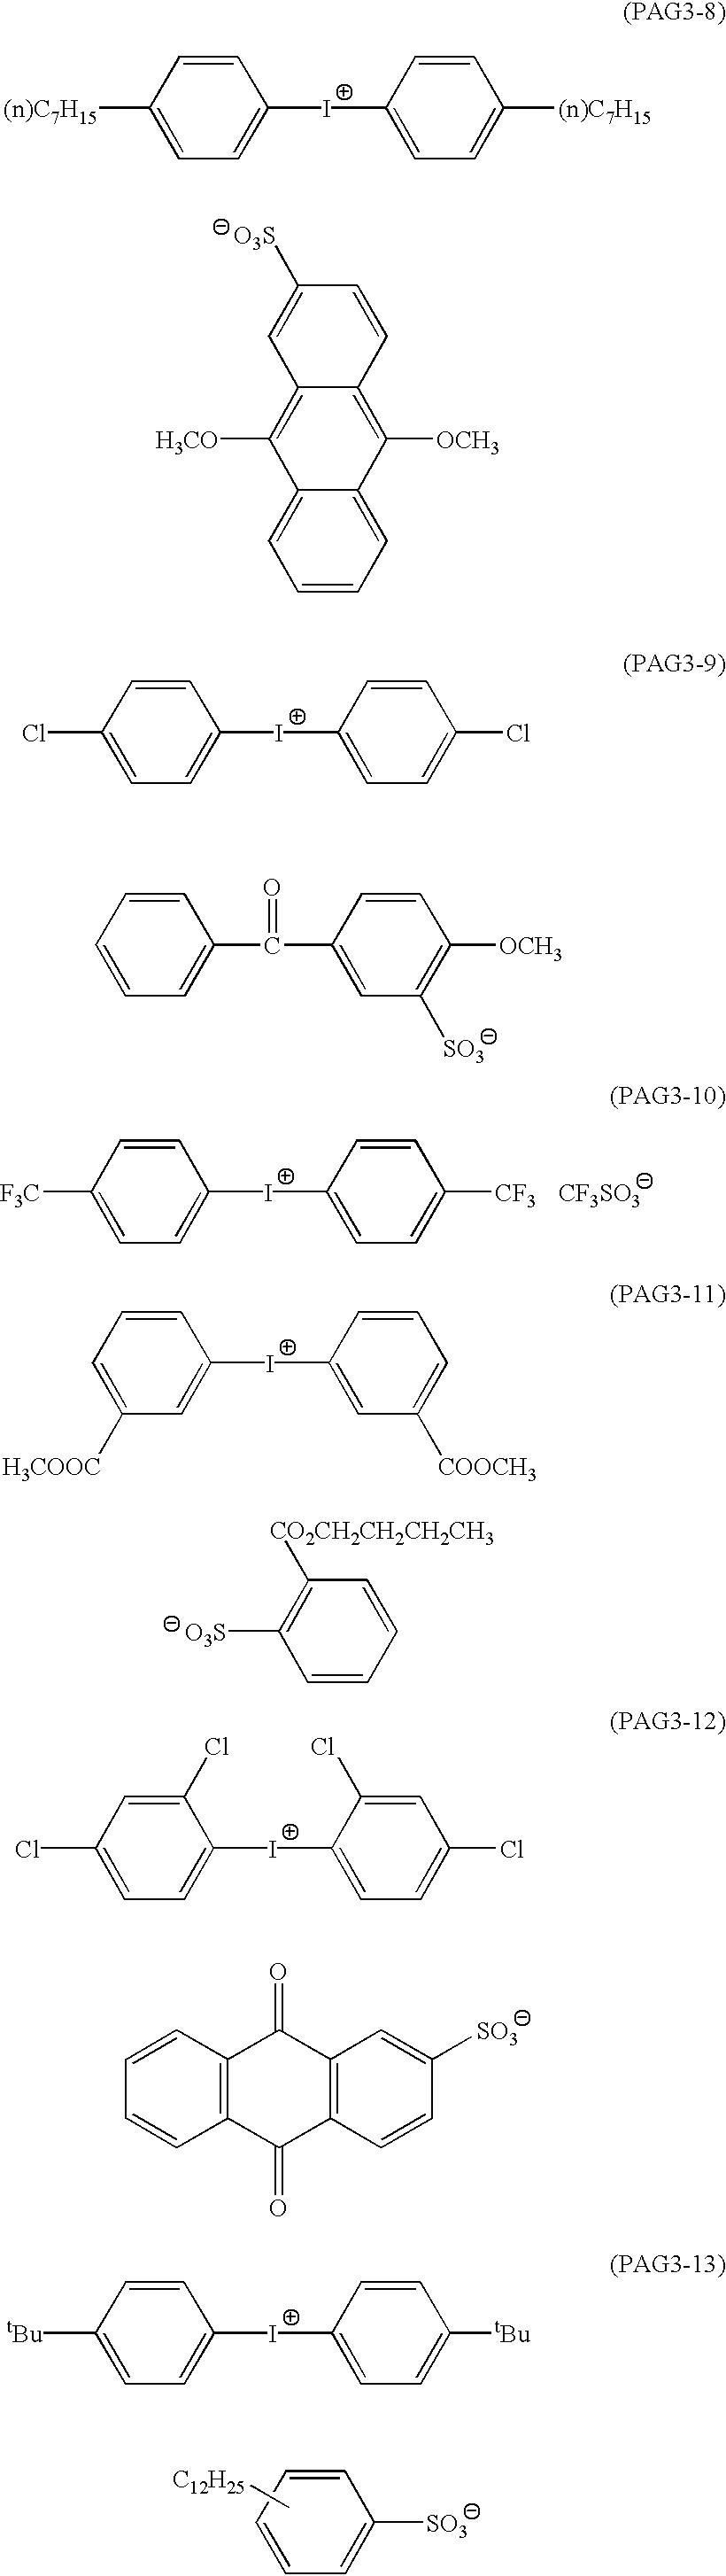 Figure US06492091-20021210-C00007